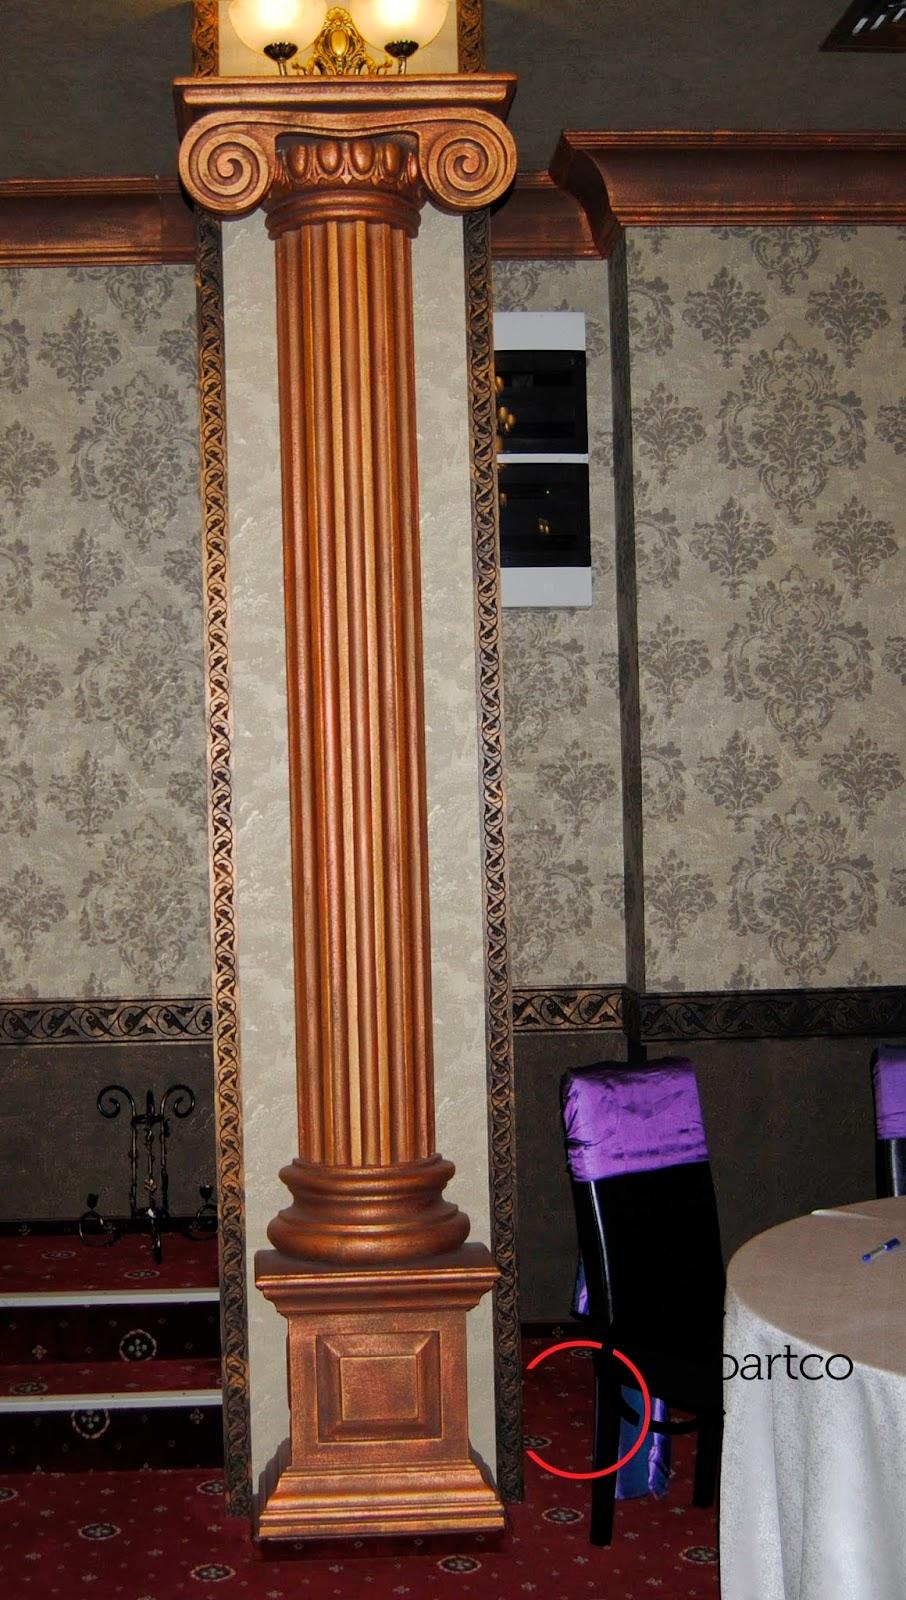 coloane grecesti, Coloana polistiren, decor sali nunti, Coloana decorativa stil ionic